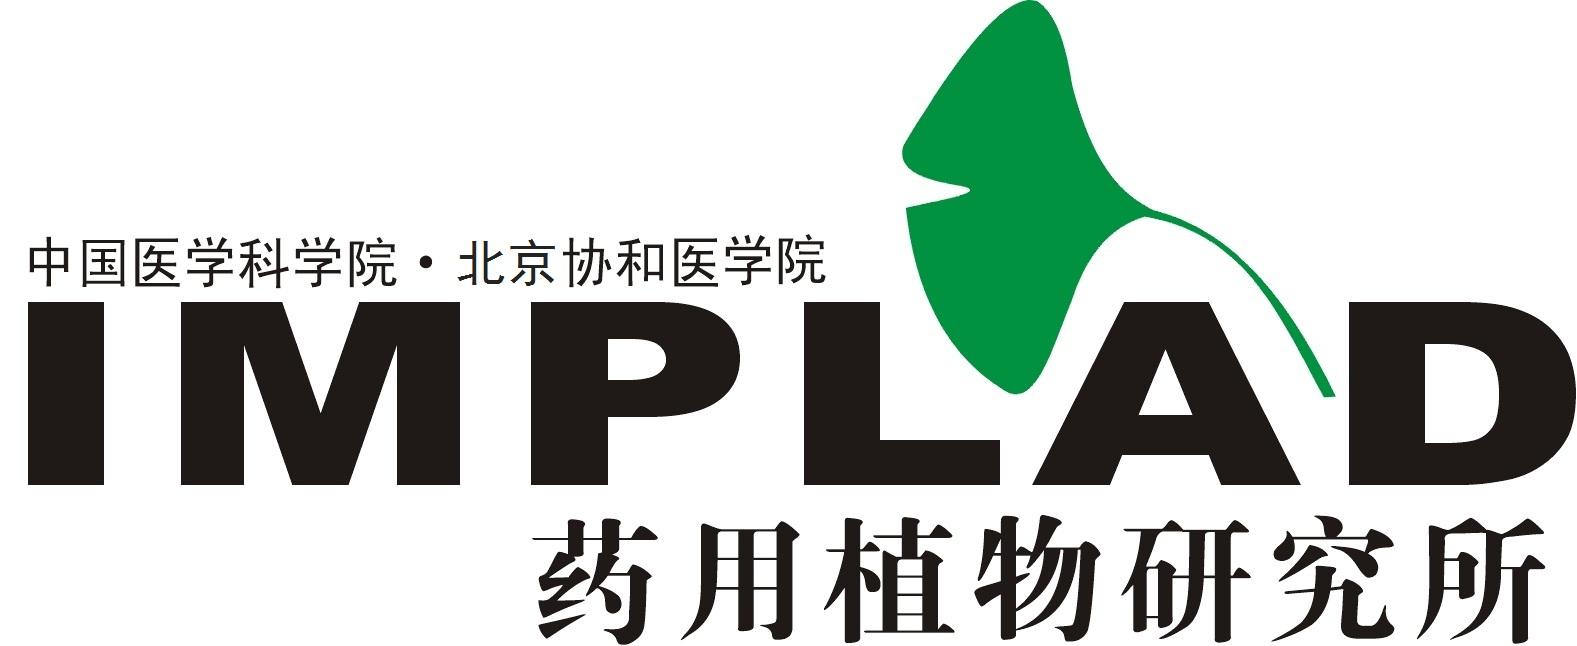 中国科学院药用植物研究所